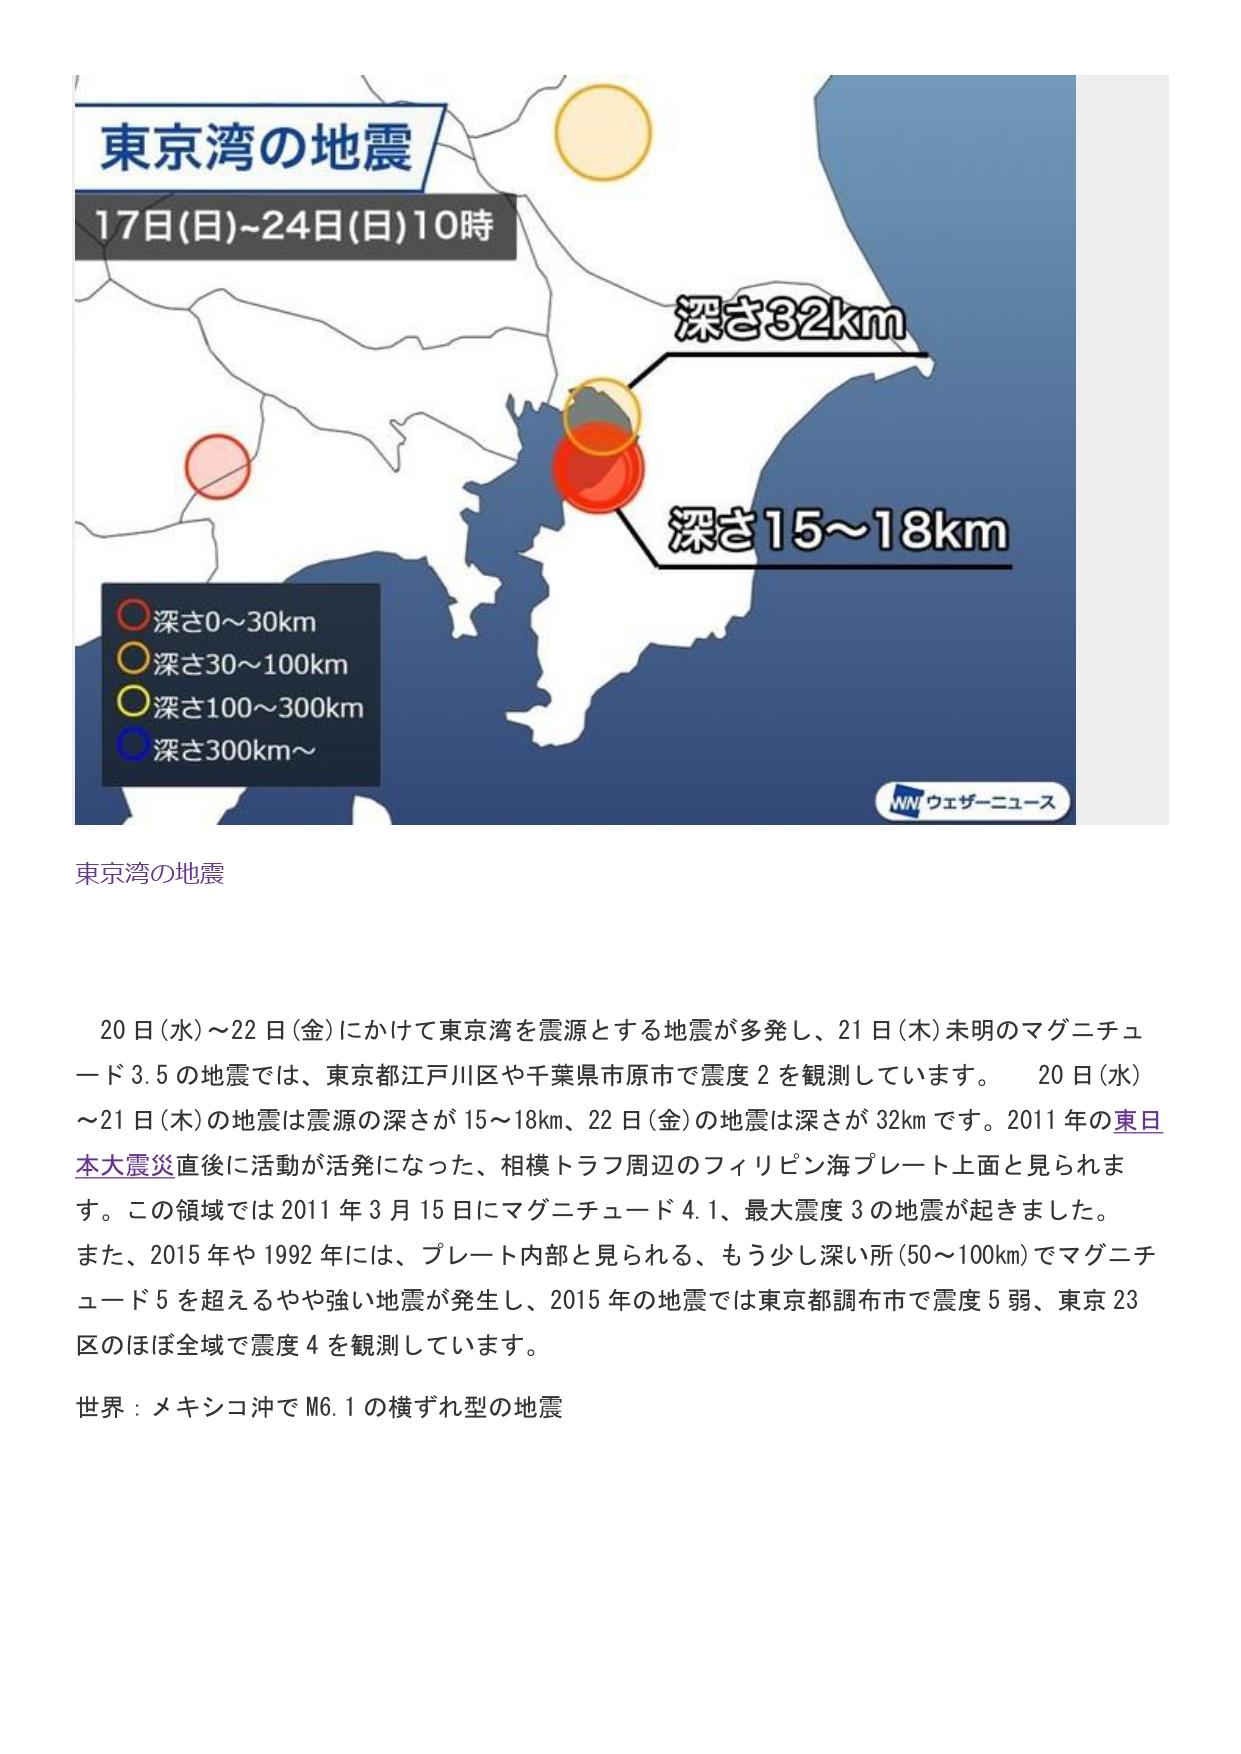 5月25日掲載 国内地震 東京湾